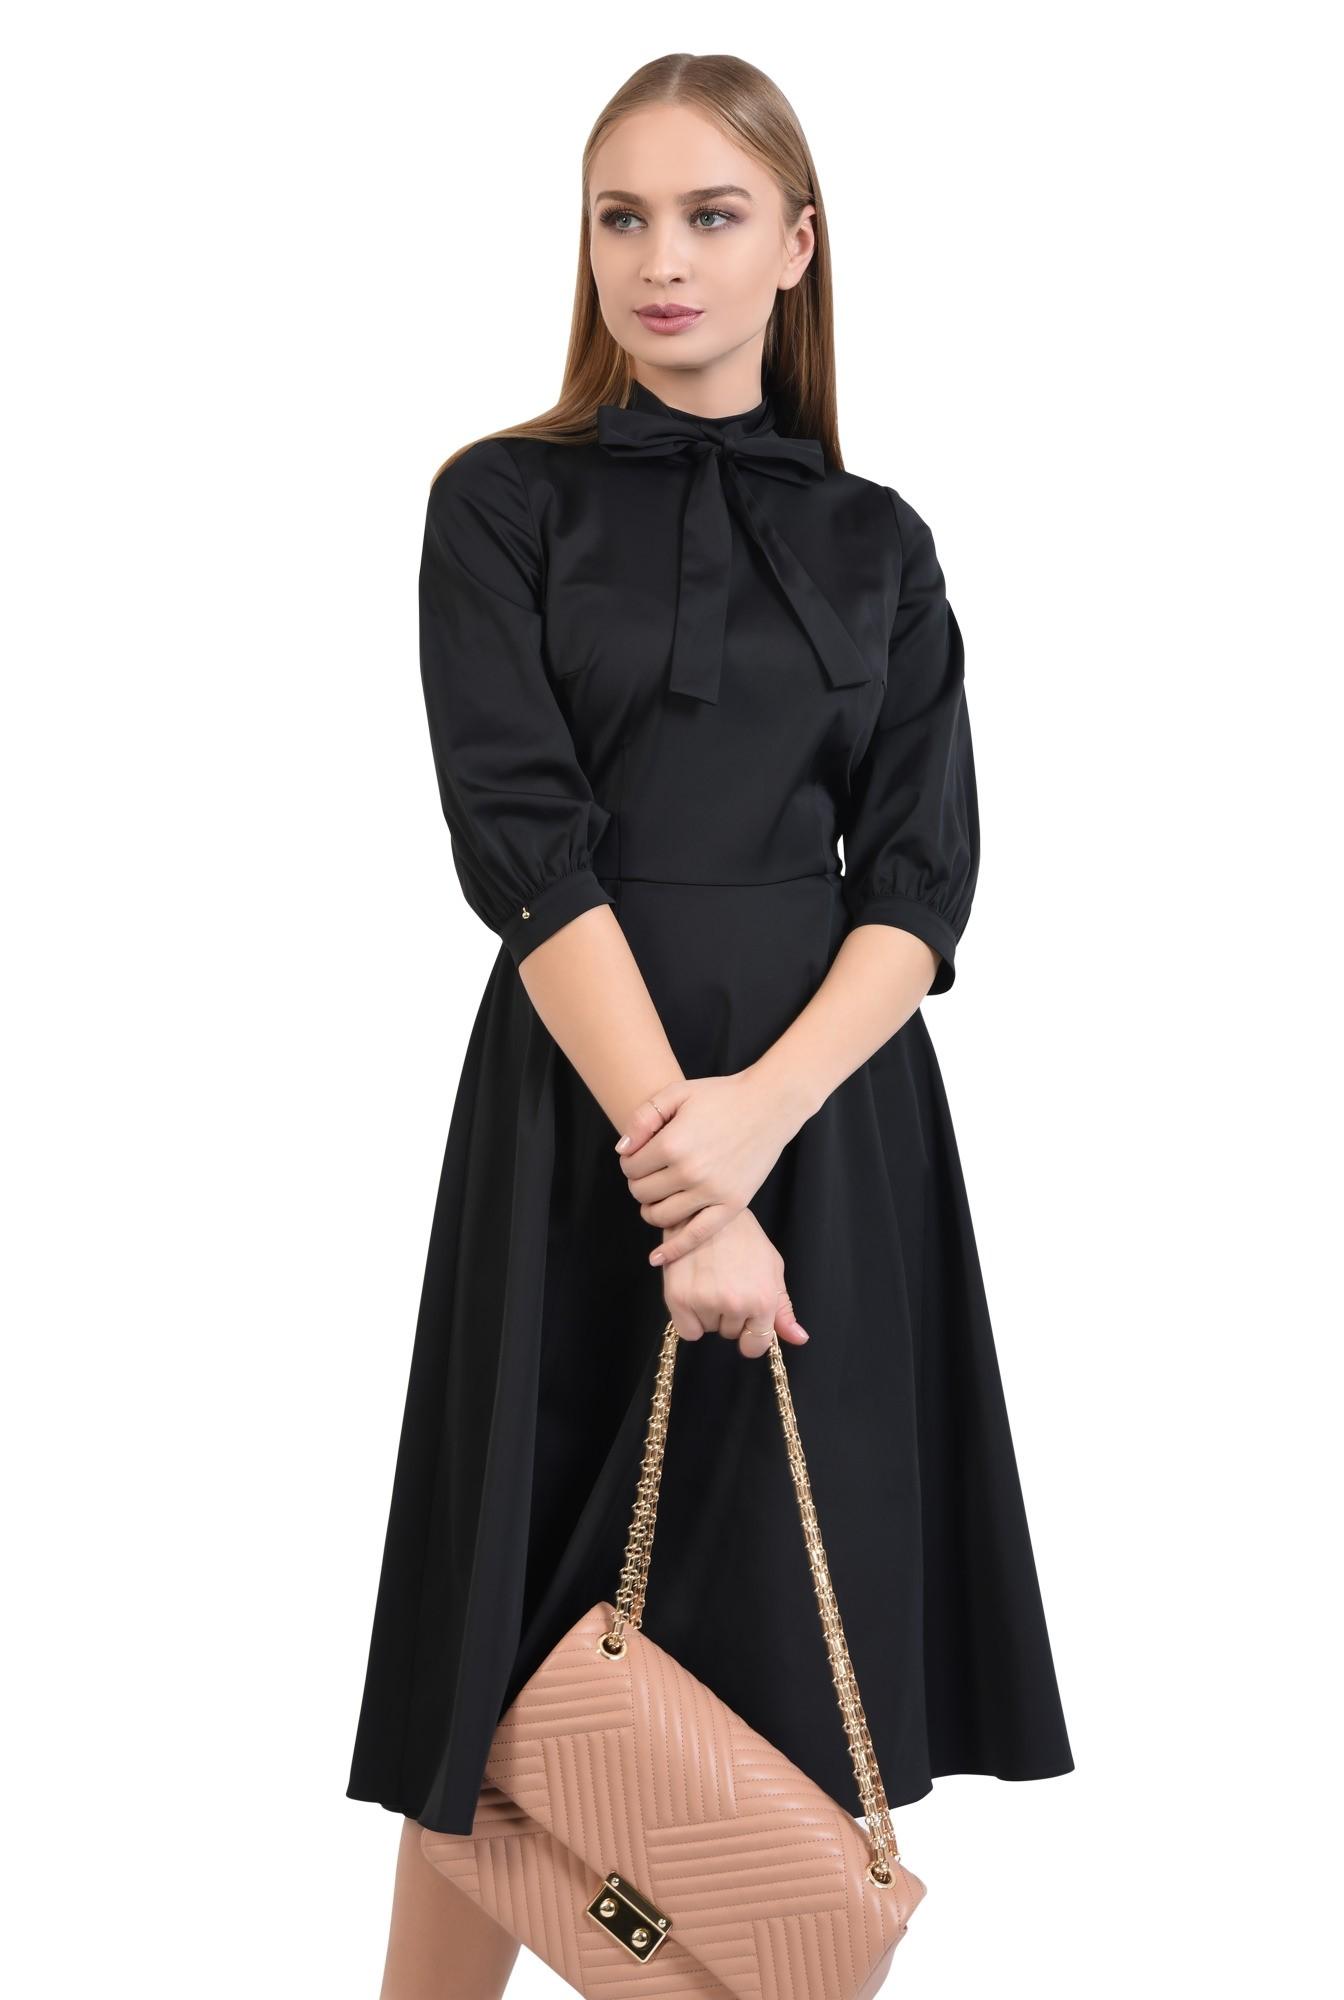 2 - rochie neagra, clos, guler cu funda, cusatura in talie